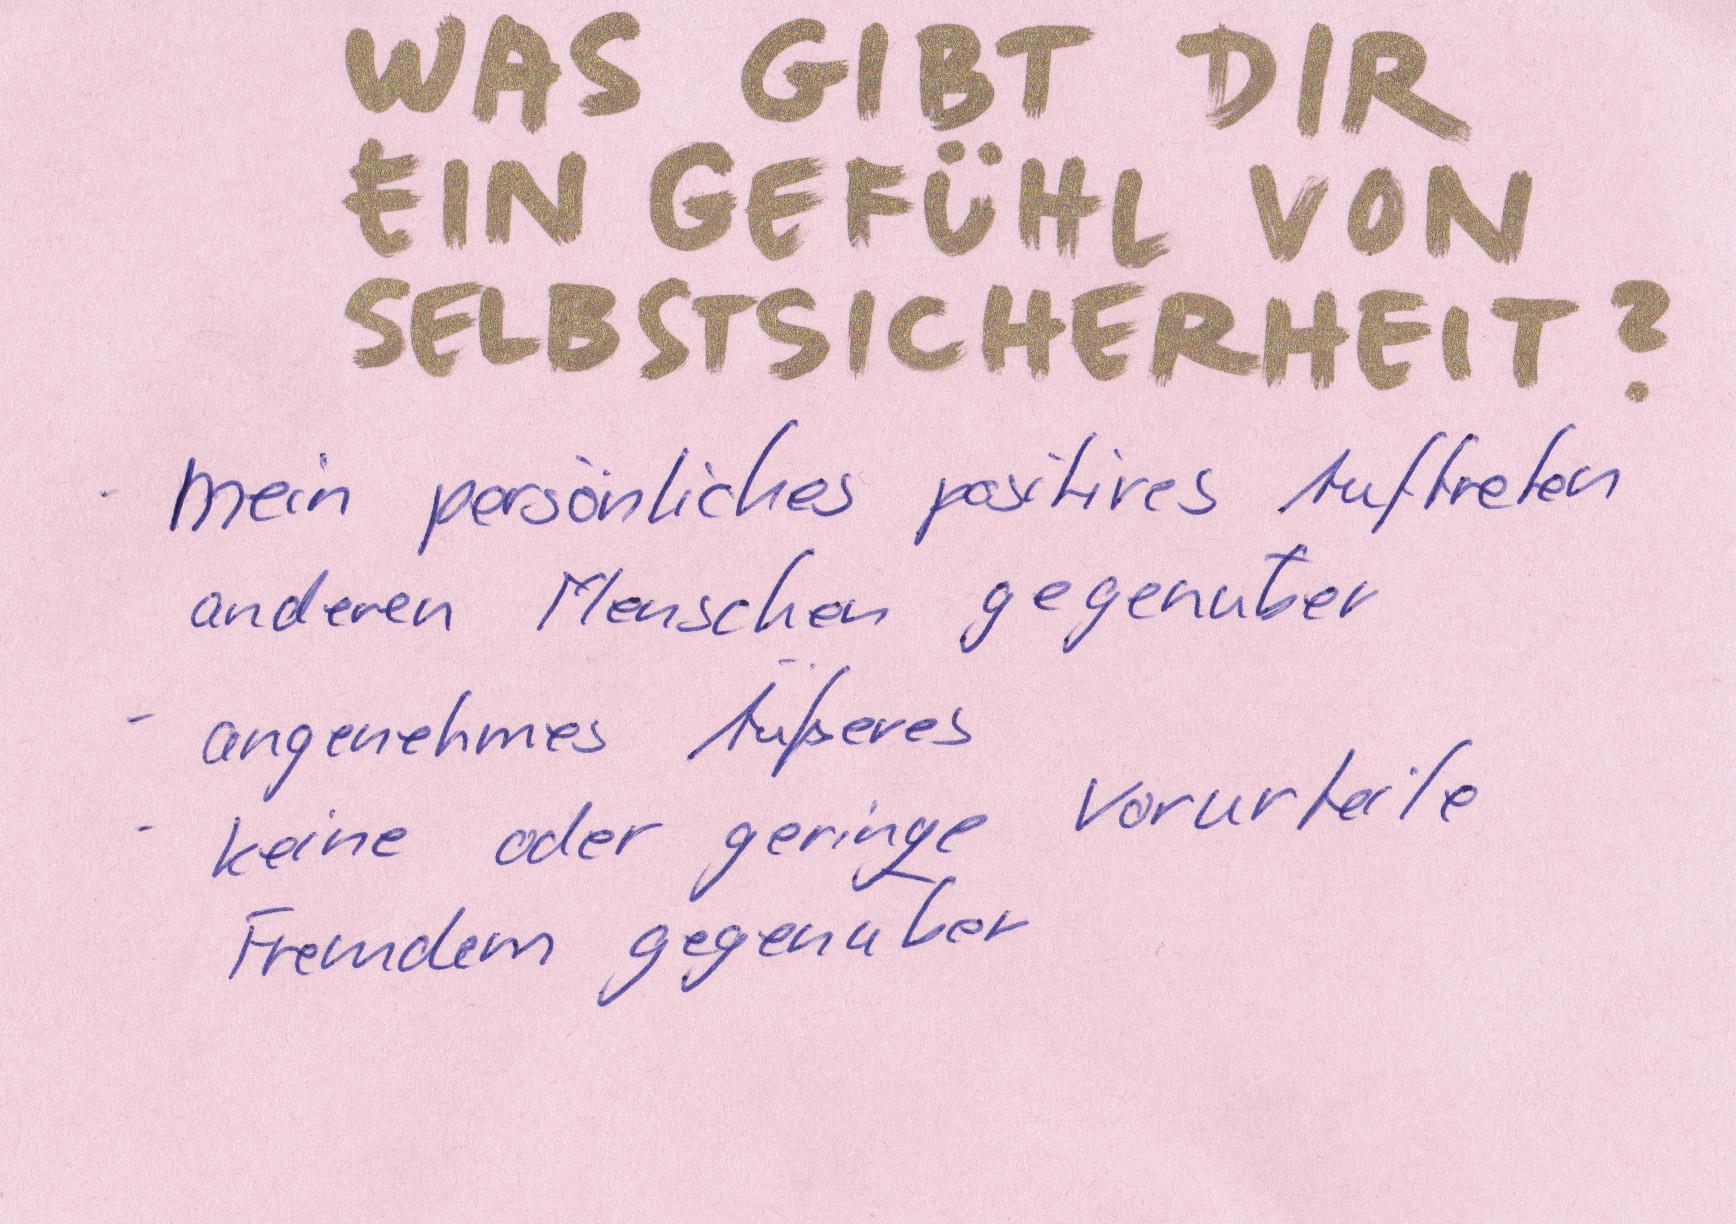 gbot-statements-hoywoy-fraukefrech_VI-pers-auftreten.jpg